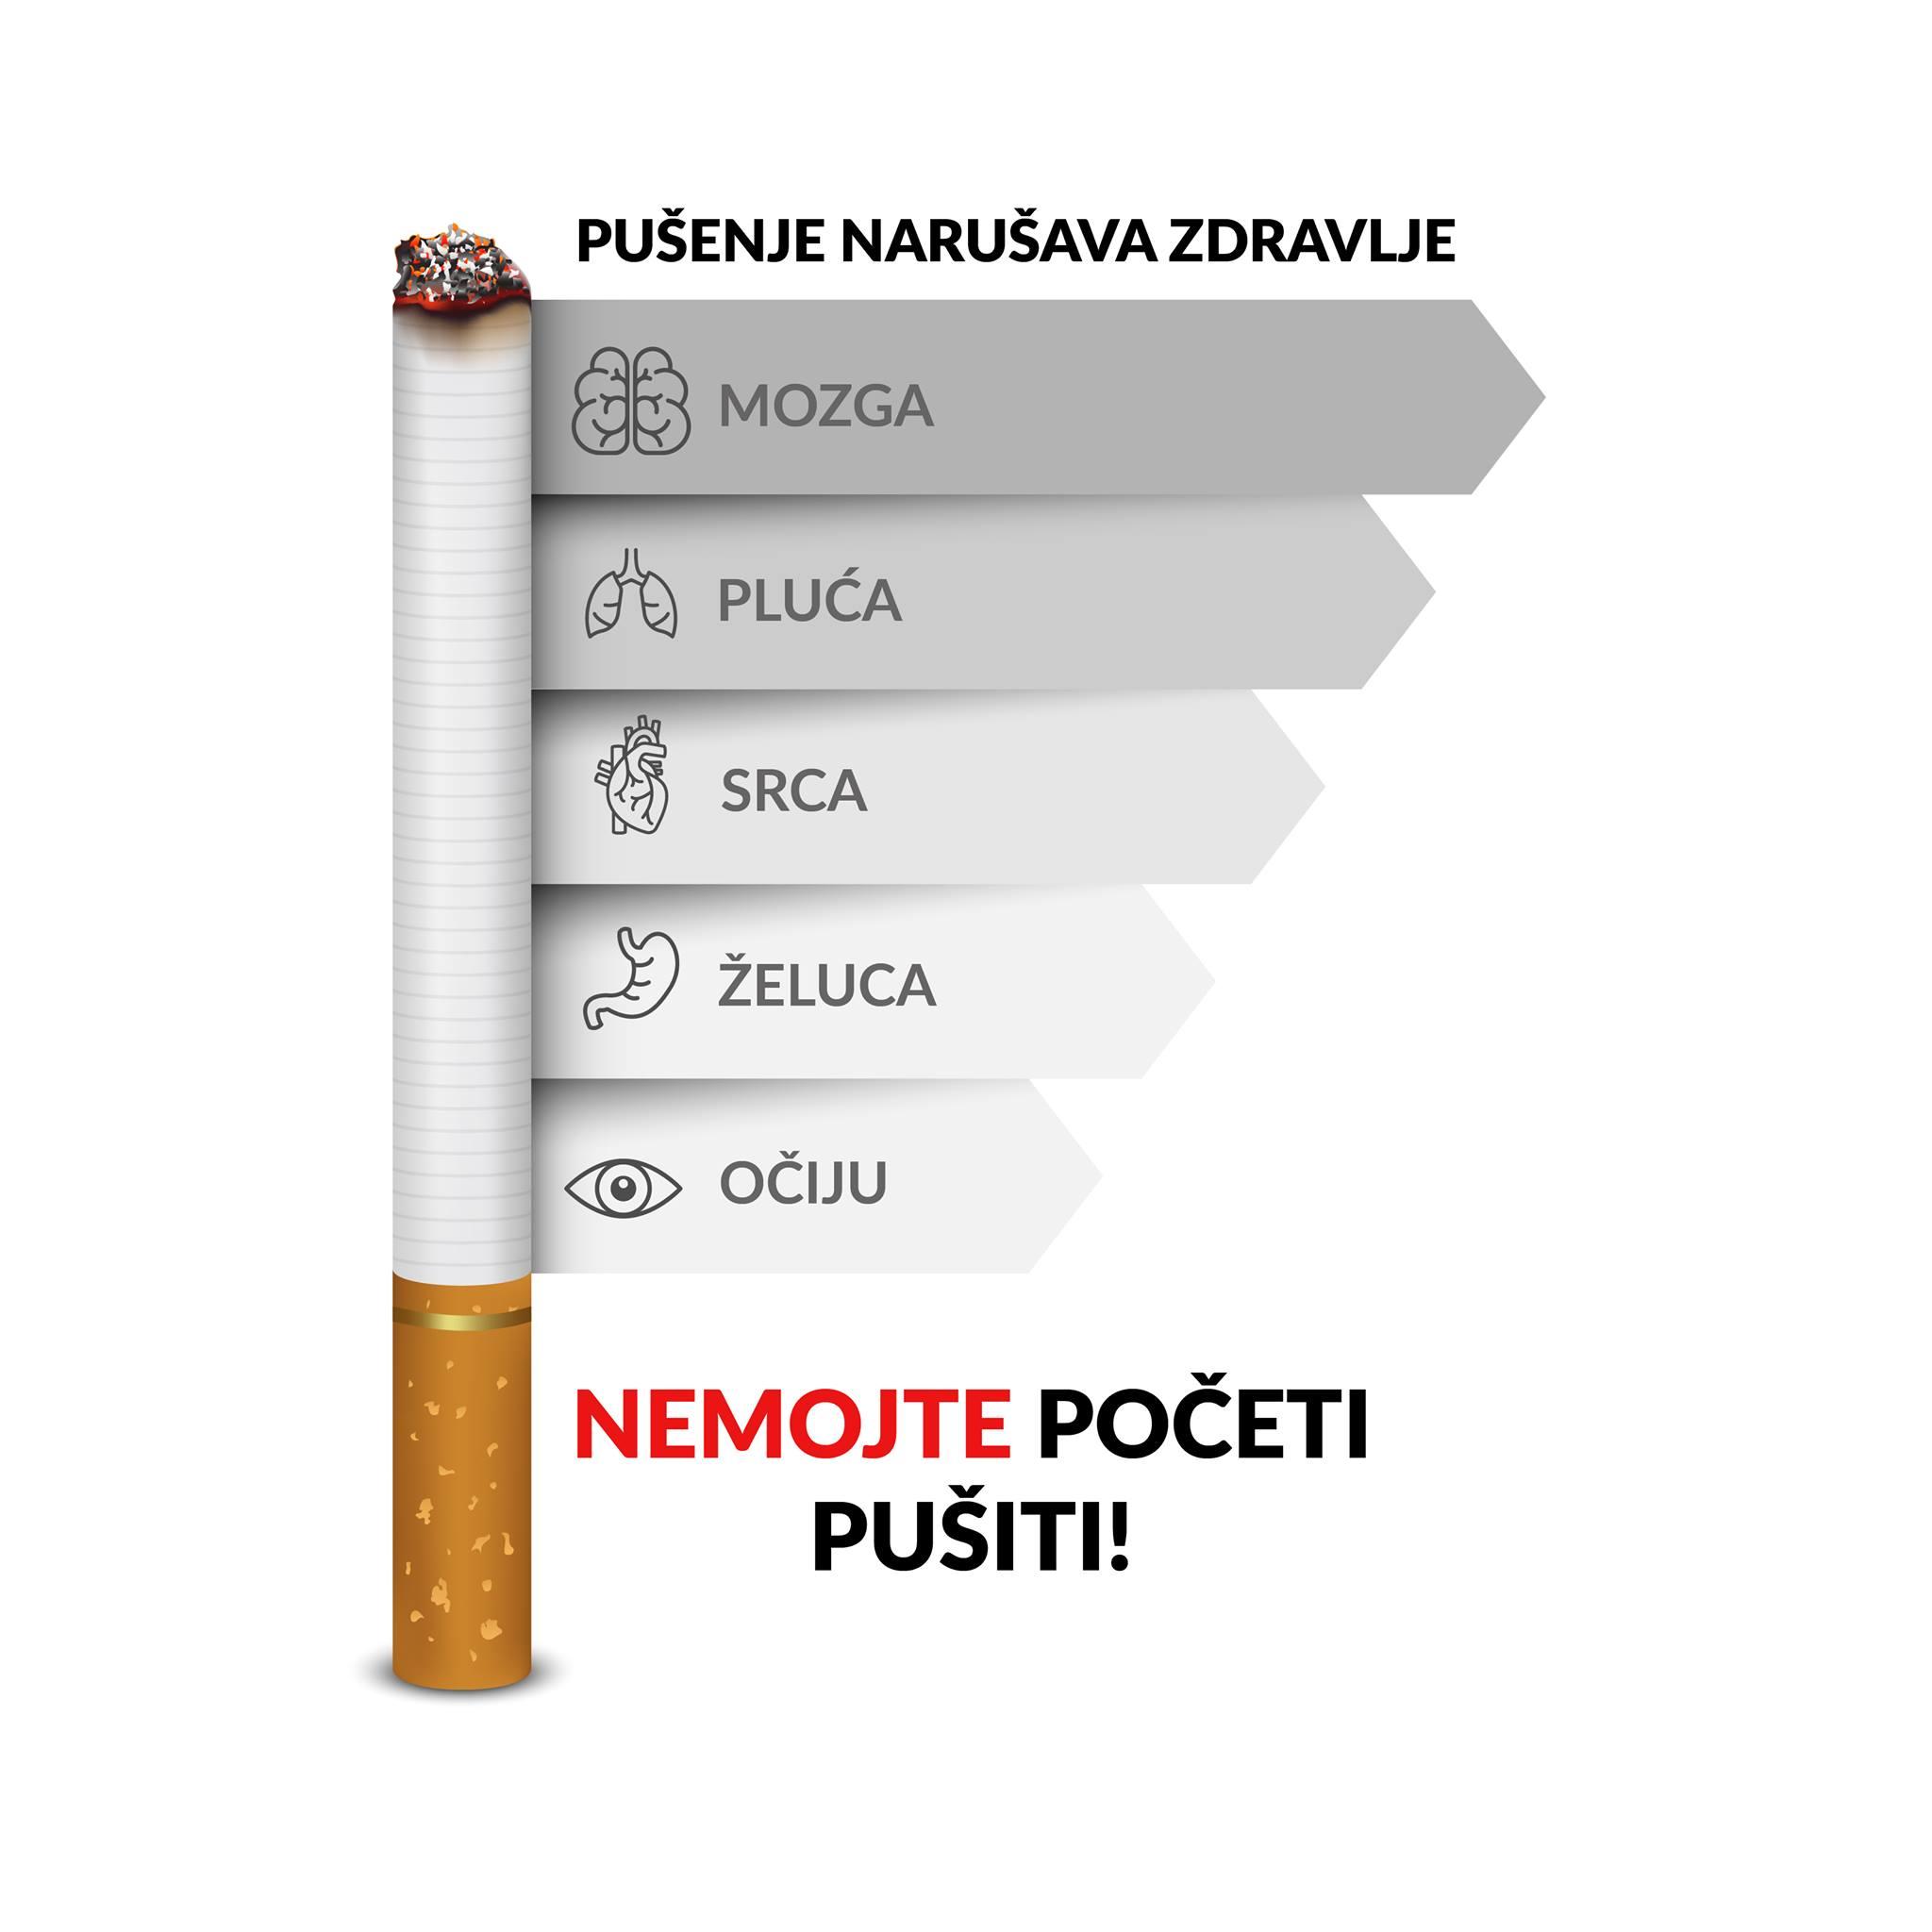 usluga za upoznavanje pušača vremenska traka s web mjestima